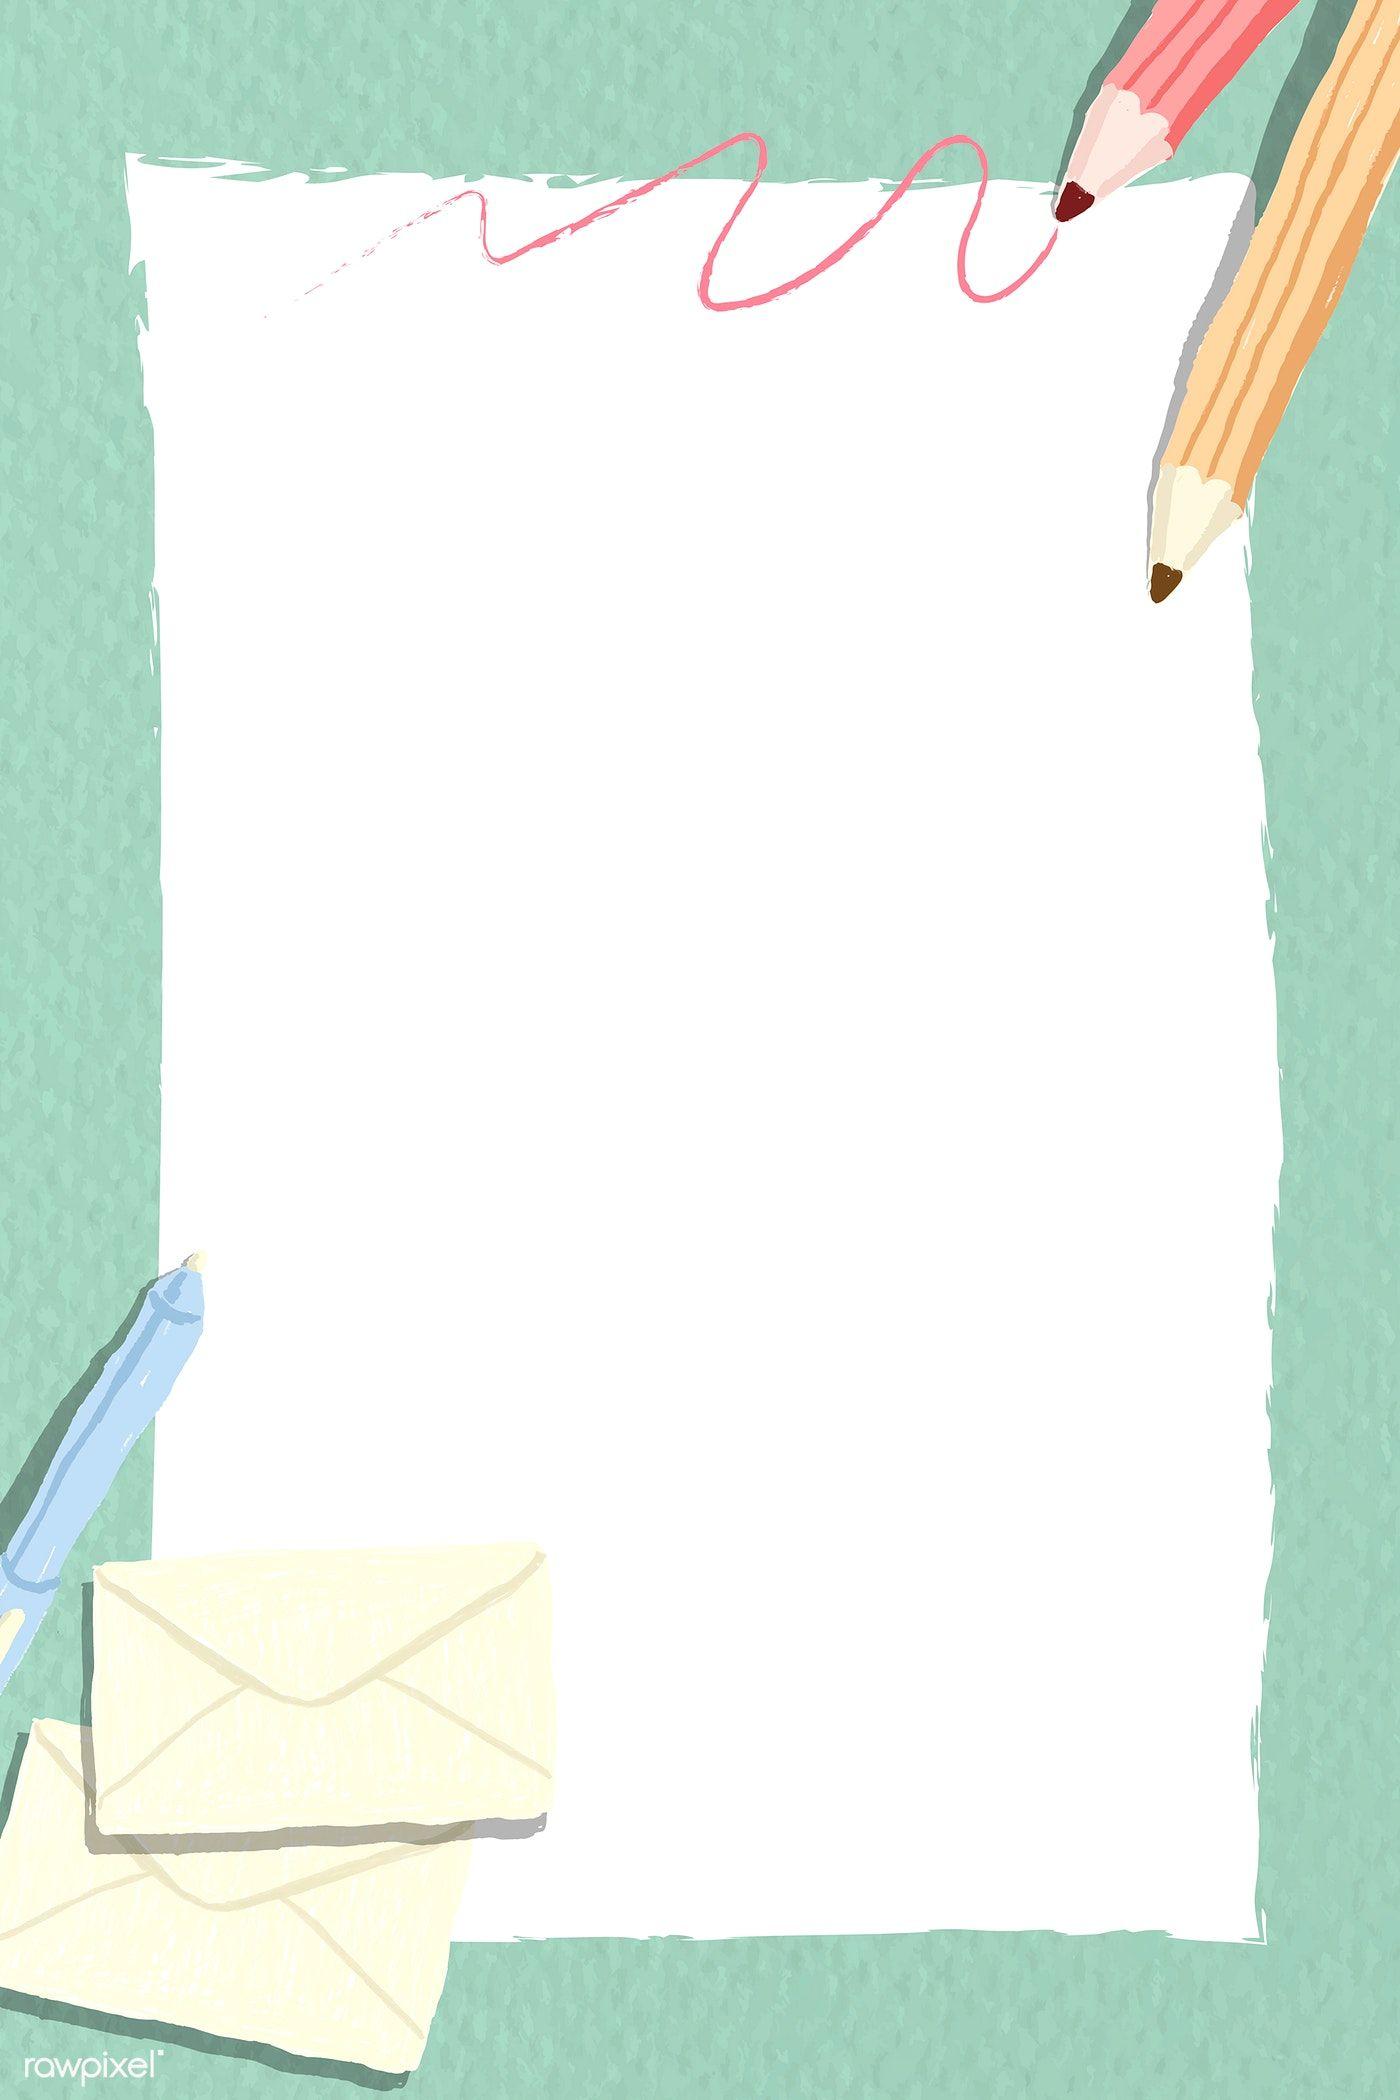 خلفيات بوربوينت 2020 Hd ناعمة وهادئة بدون حقوق Powerpoint Background Free Background Powerpoint Powerpoint Background Design